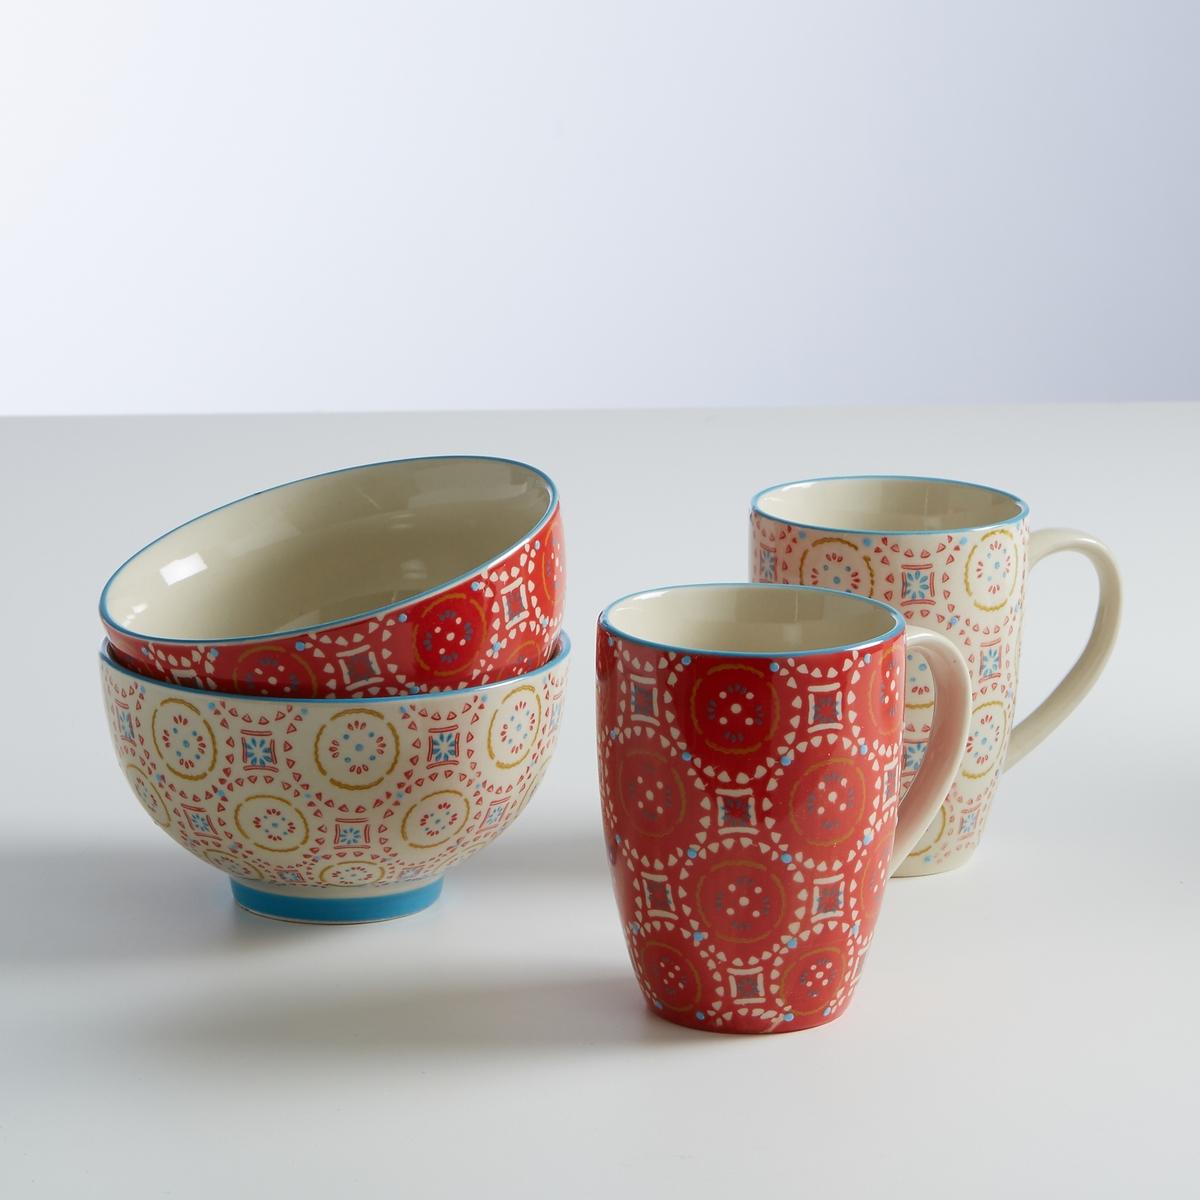 Сундучок из 4 приборов- чашки и кружкиХарактеристики сундучка с 2 чашками и 2 кружками :- Чашки и кружки из керамики - Кружки: Диаметр 8 см, Высота: 10 см. - Чашки : диаметр 13, 5 см, Высота  : 7 см.- Подходит для посудомоечной машинки и микроволновой печи - Продаются  в комплекте из 2 чашек + 2 кружек<br><br>Цвет: набивной рисунок<br>Размер: единый размер